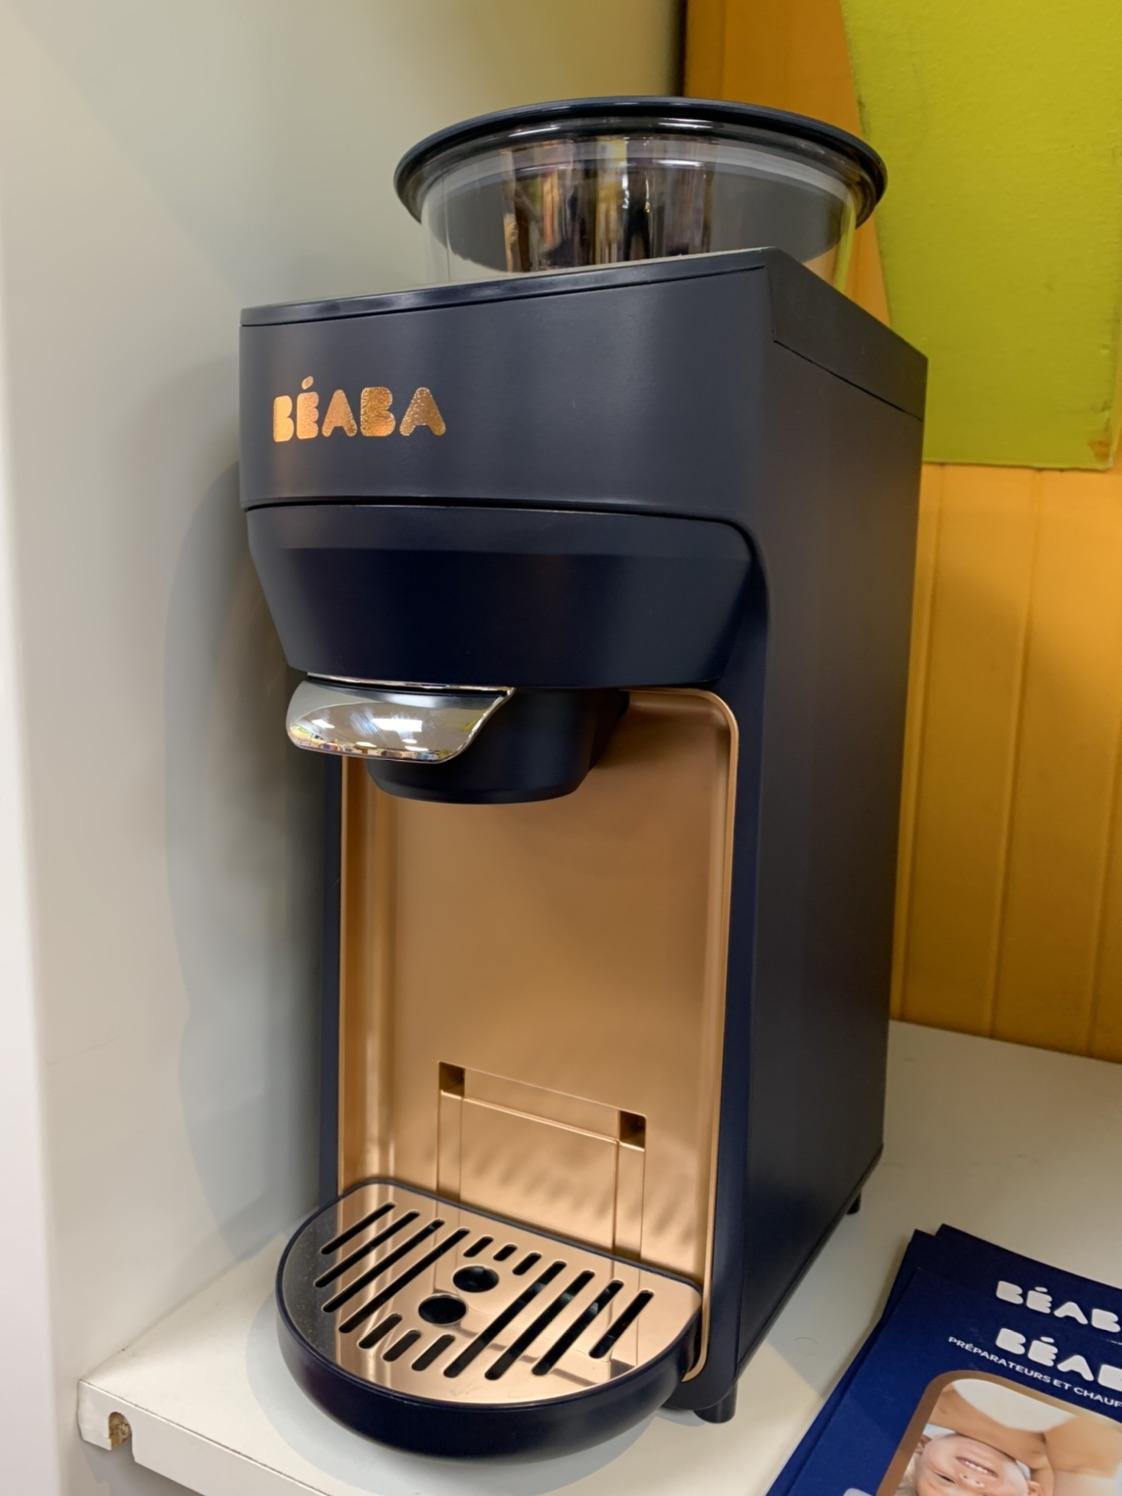 奶瓶🍼咖啡☕️机?